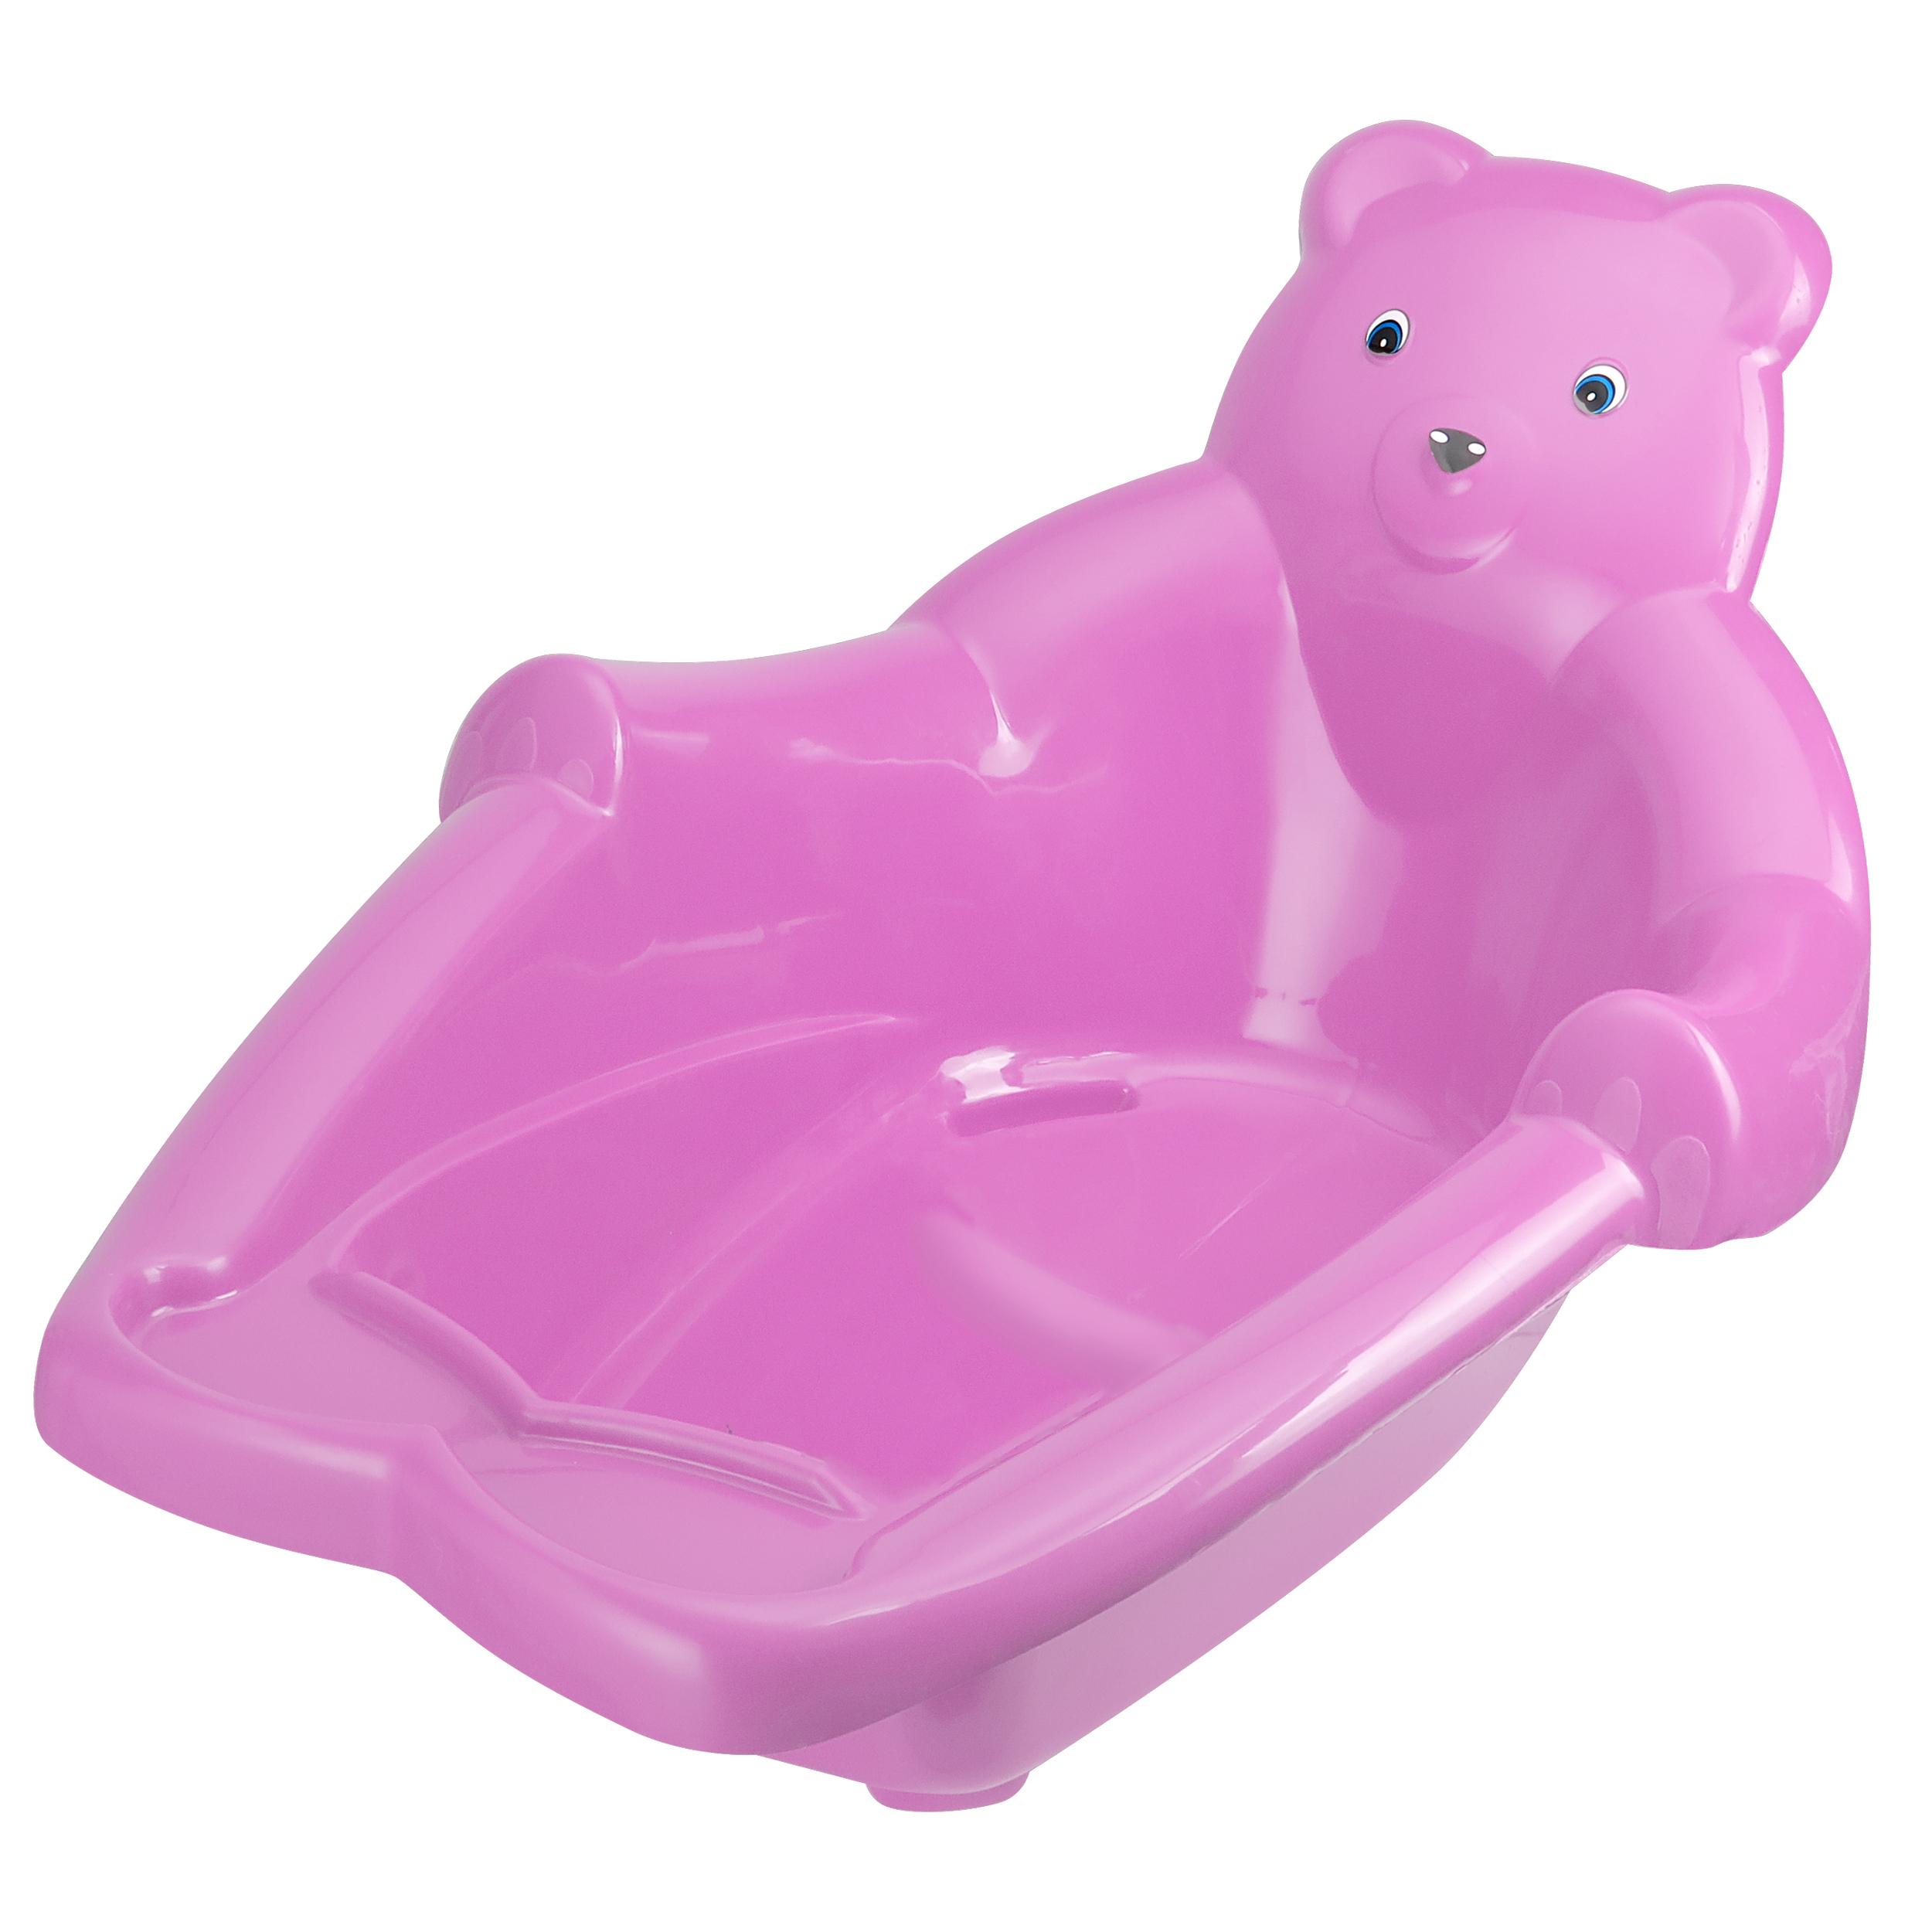 وان حمام کودک طرح خرس مدل i10